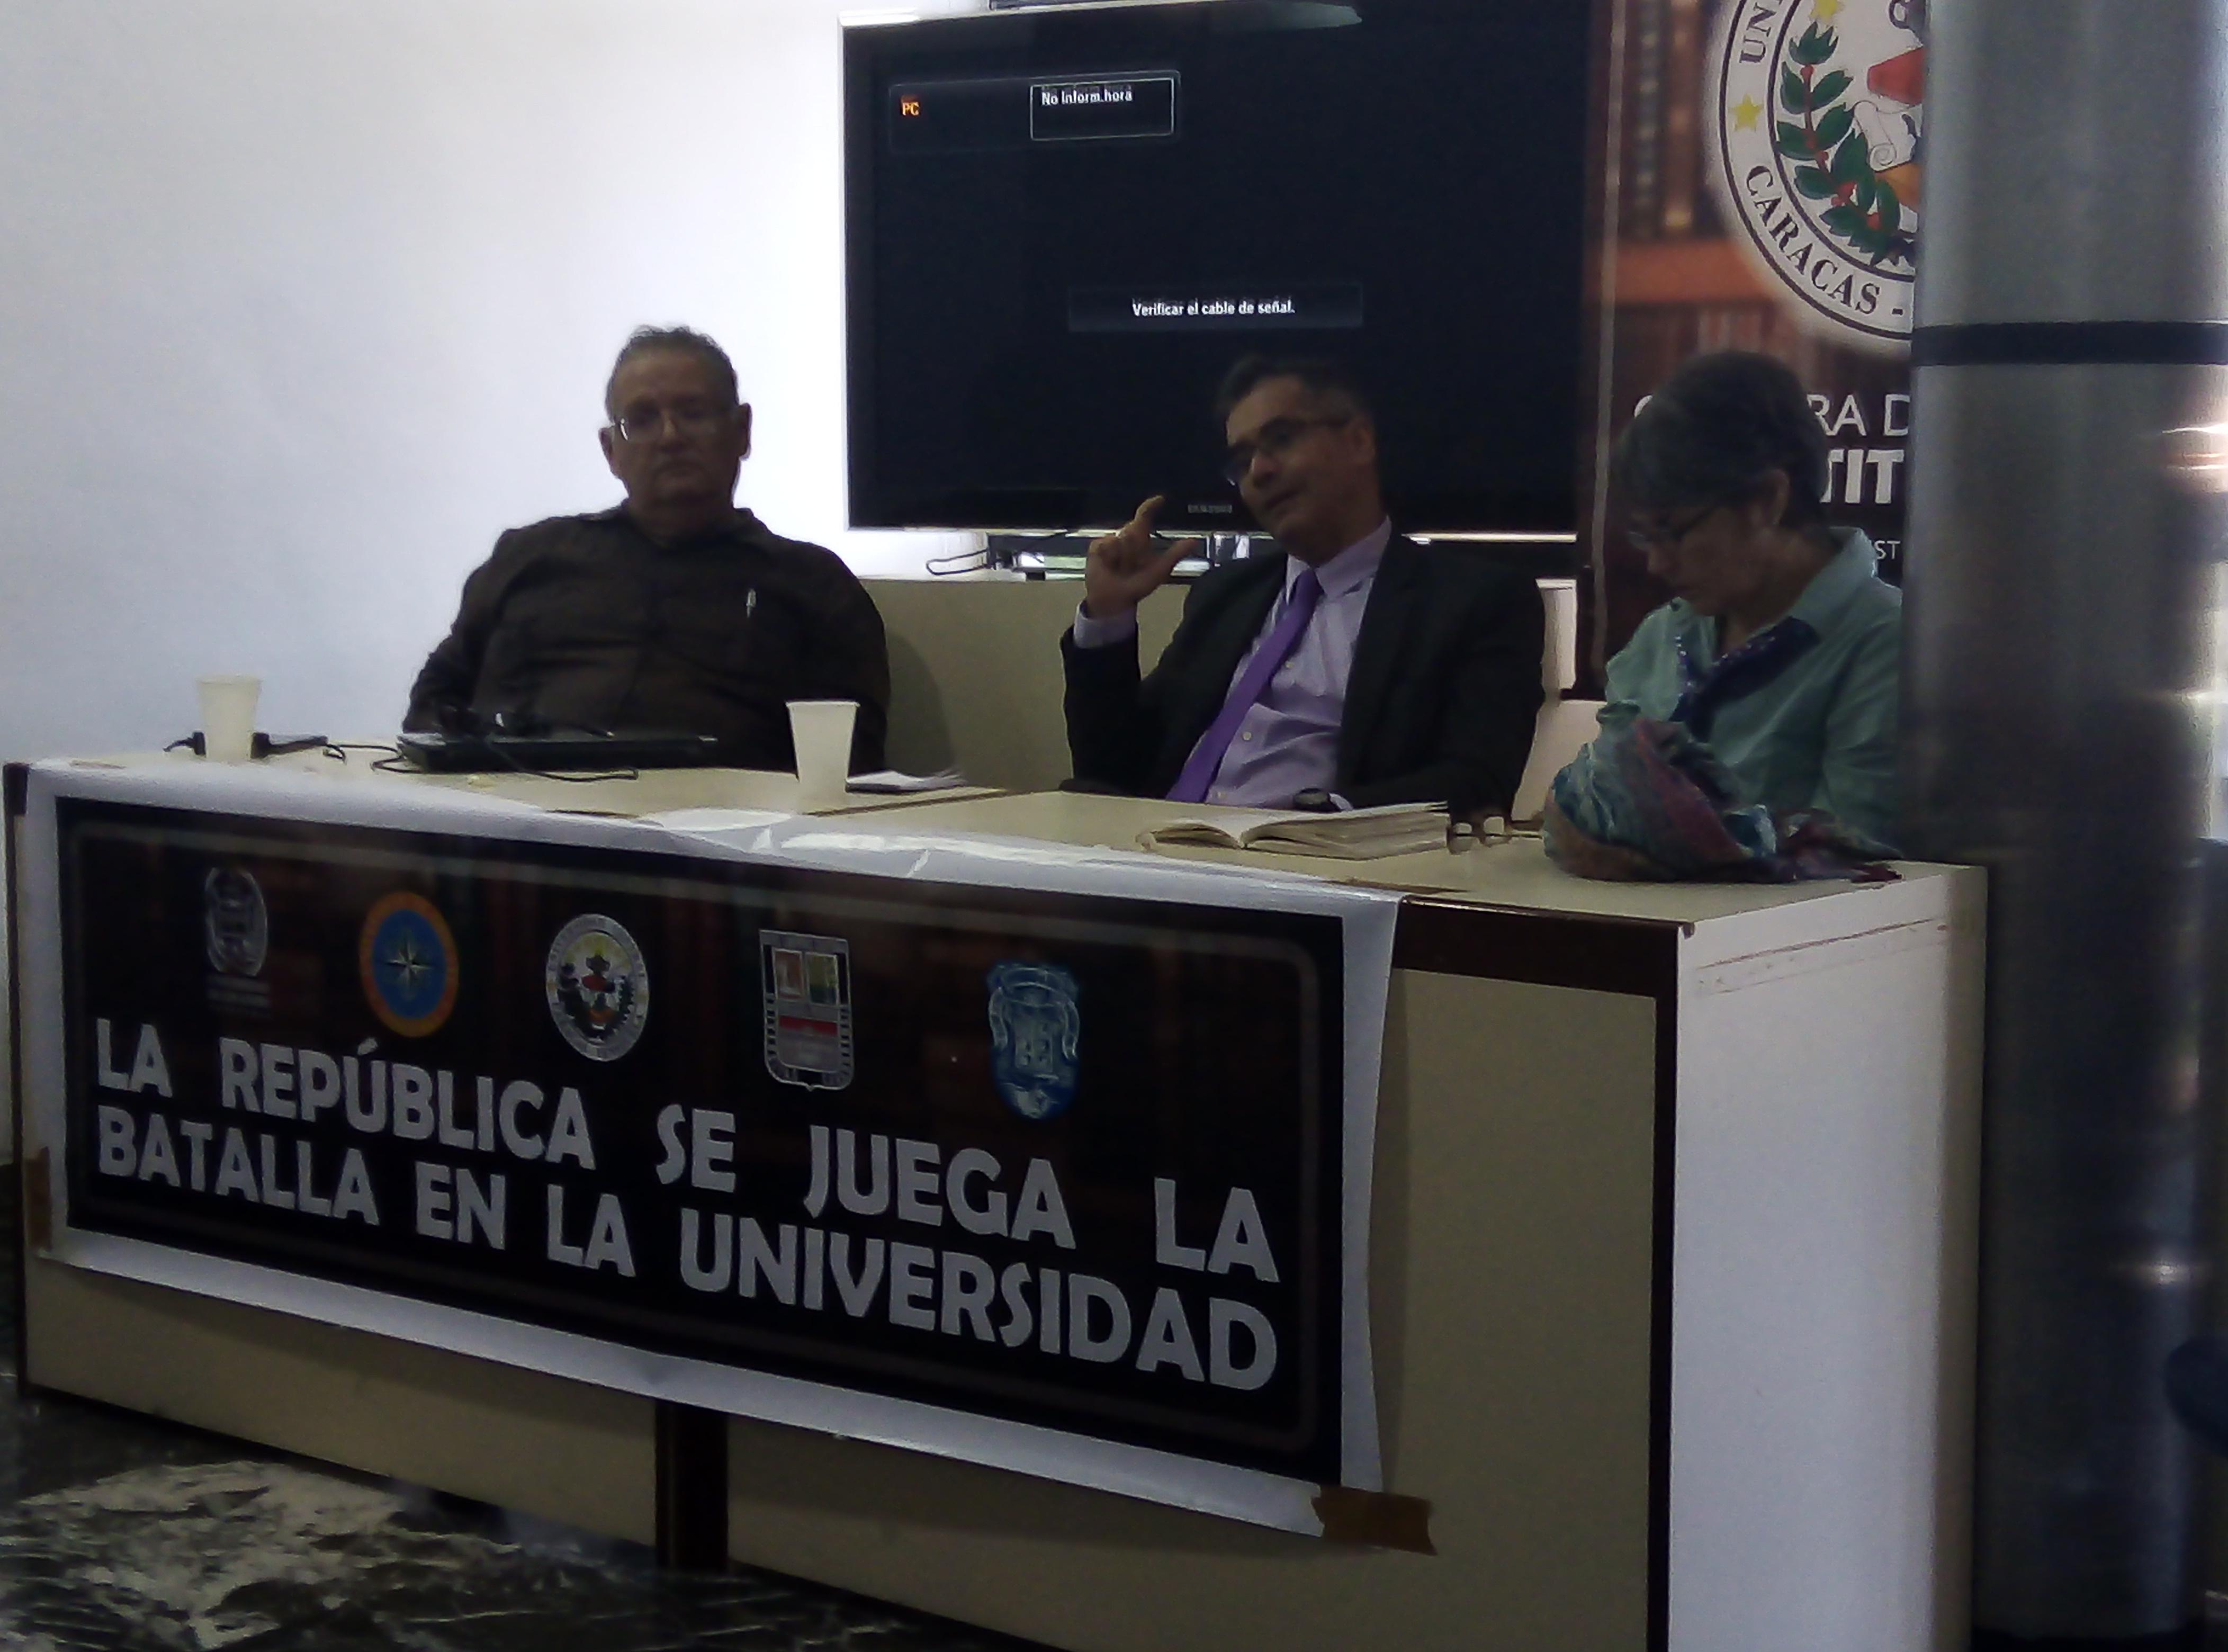 Charla y conversatorio: Análisis de la Sentencia 0324 del TSJ. Cómo afecta a la Universidad?